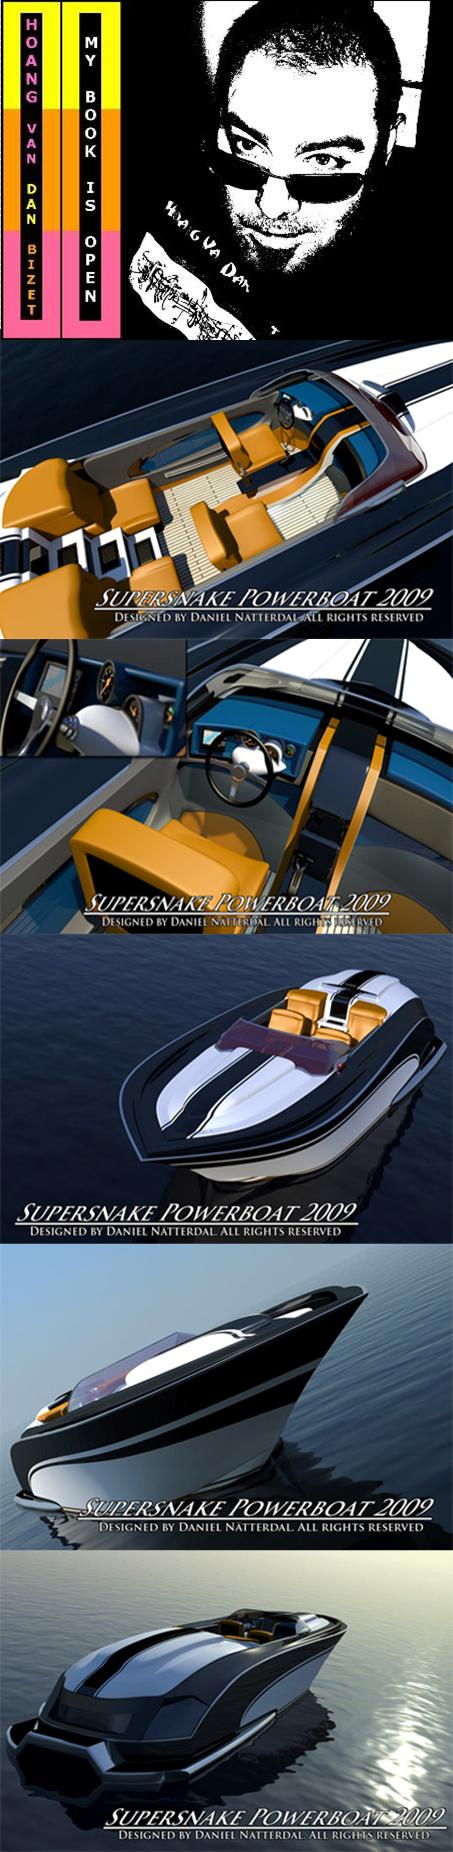 the-supernake-powerboat-concept-by-designer-daniel-nattdal